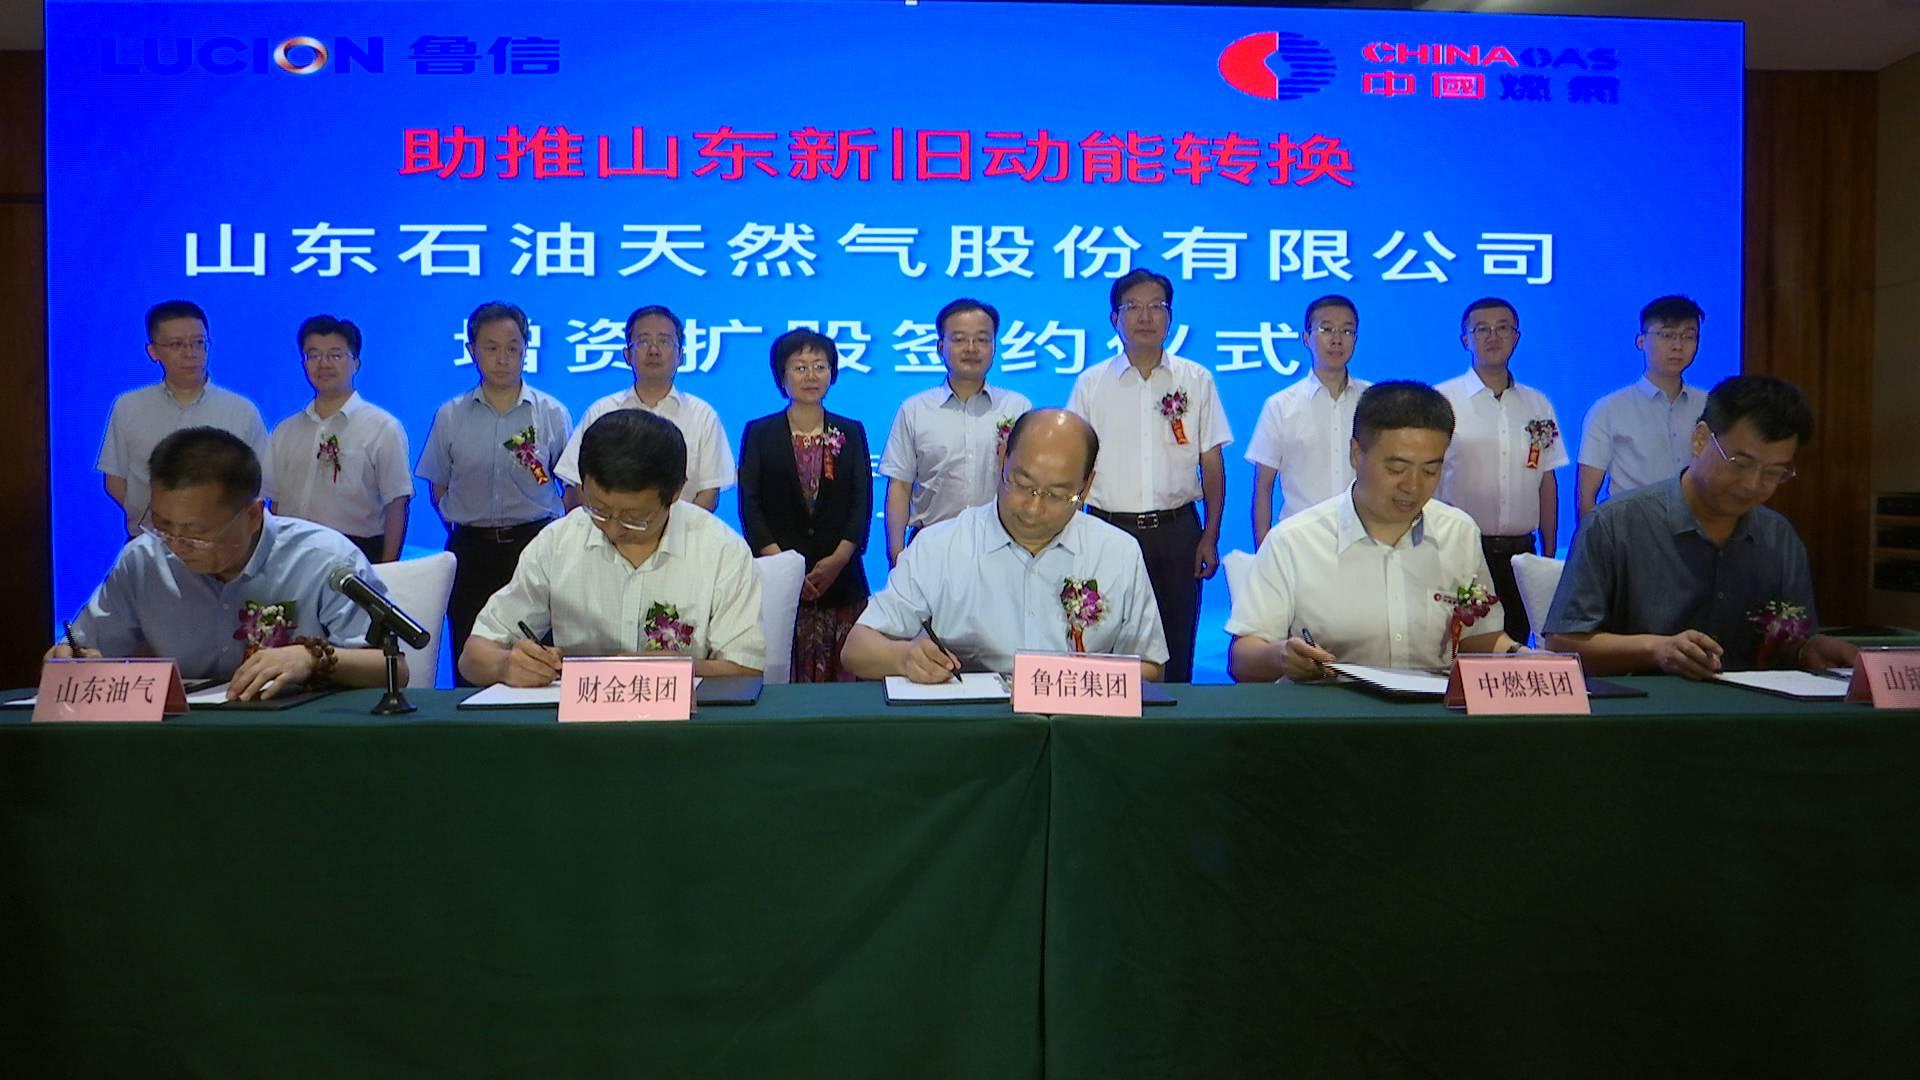 中国燃气出资8亿元入股山东石油天然气股份有限公司